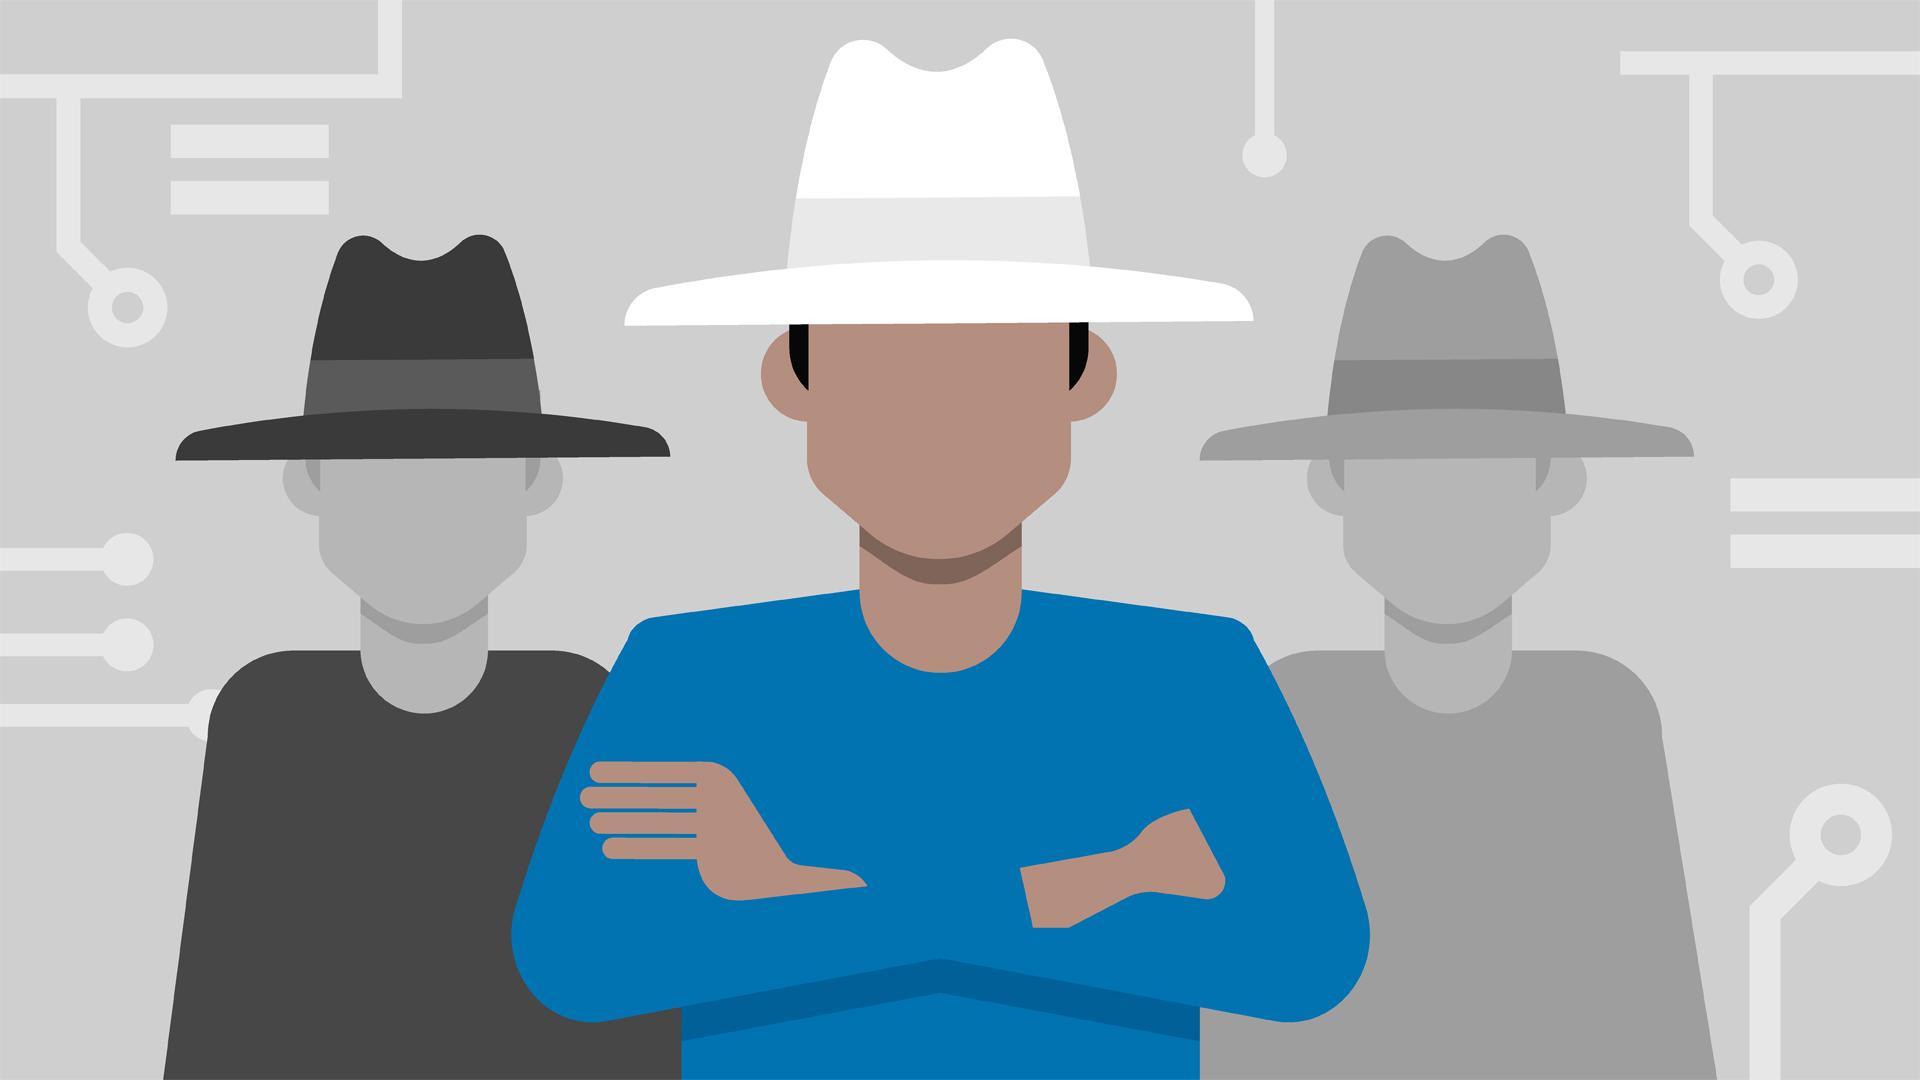 Hình ảnh Hacker nhóm ba người cực đẹp